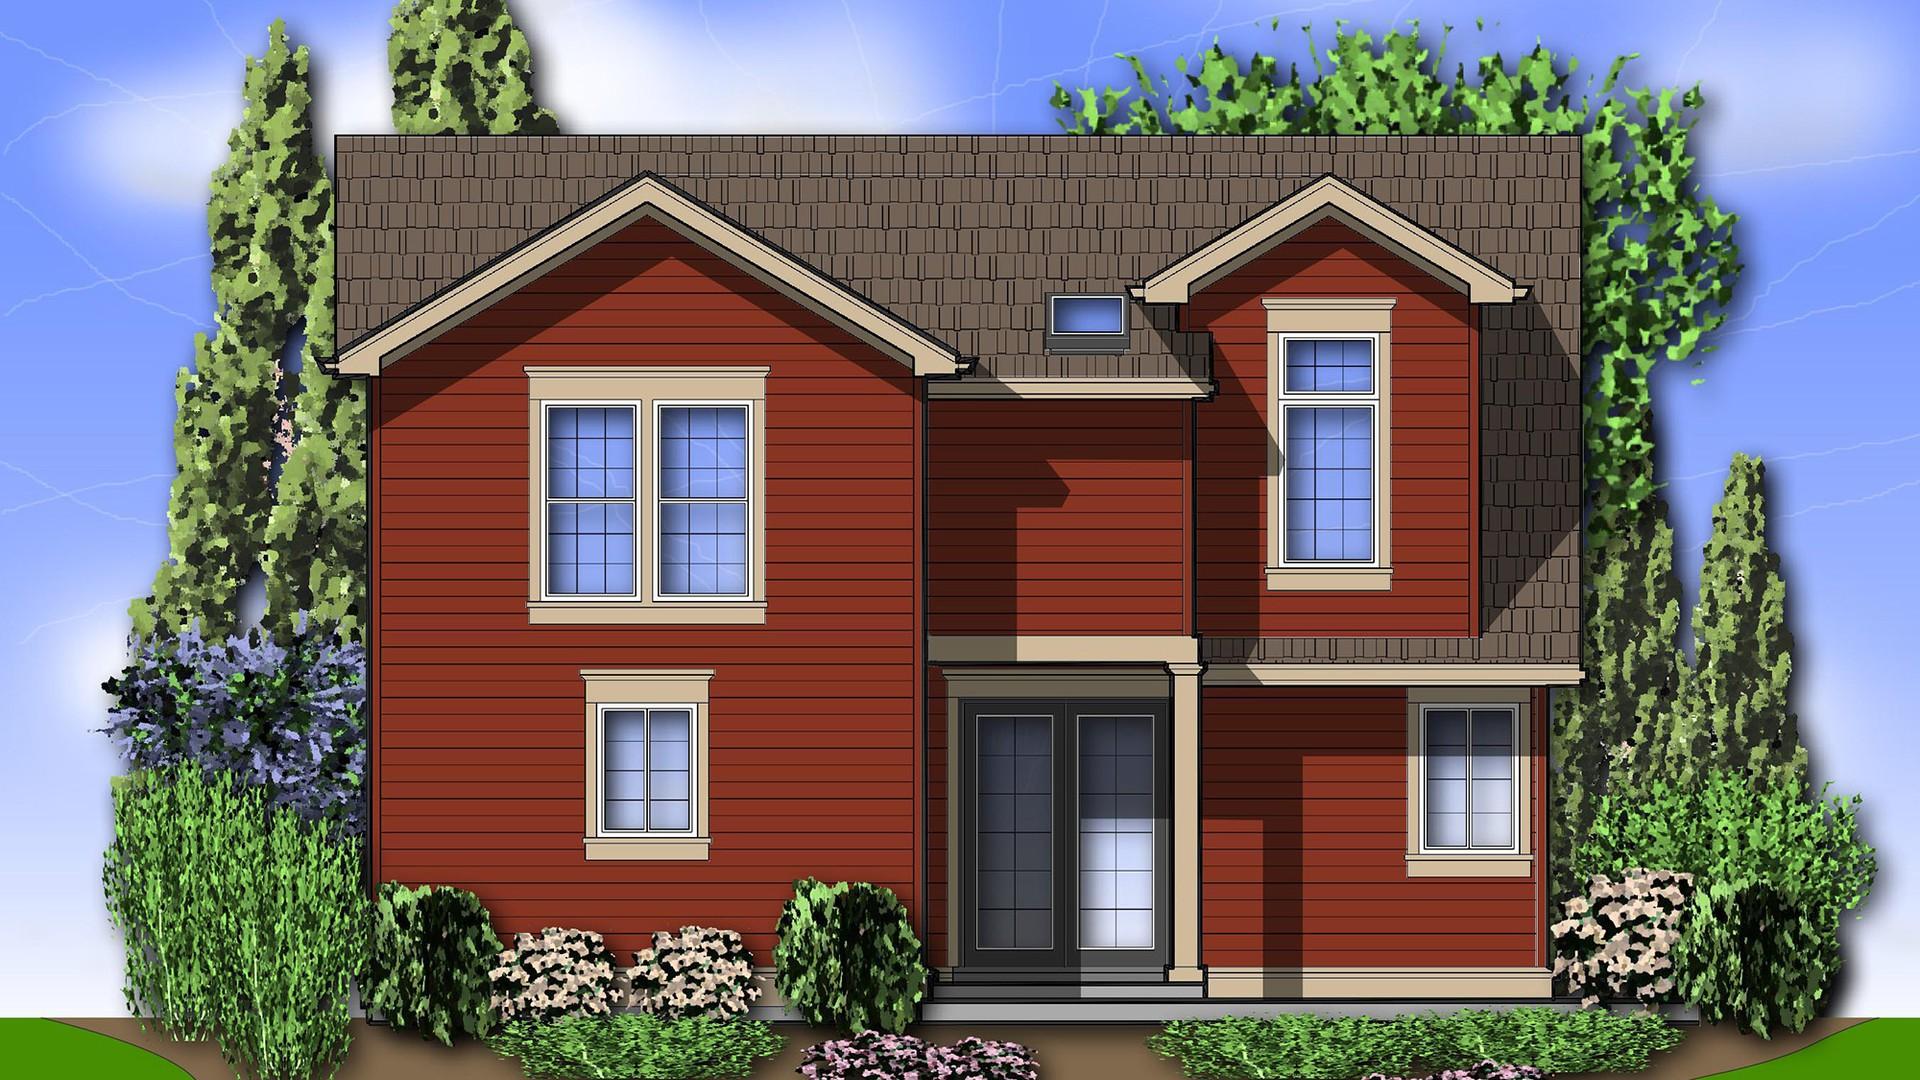 Cape cod house plan 22139 the laurel 2859 sqft 4 beds 3 for Laurel house